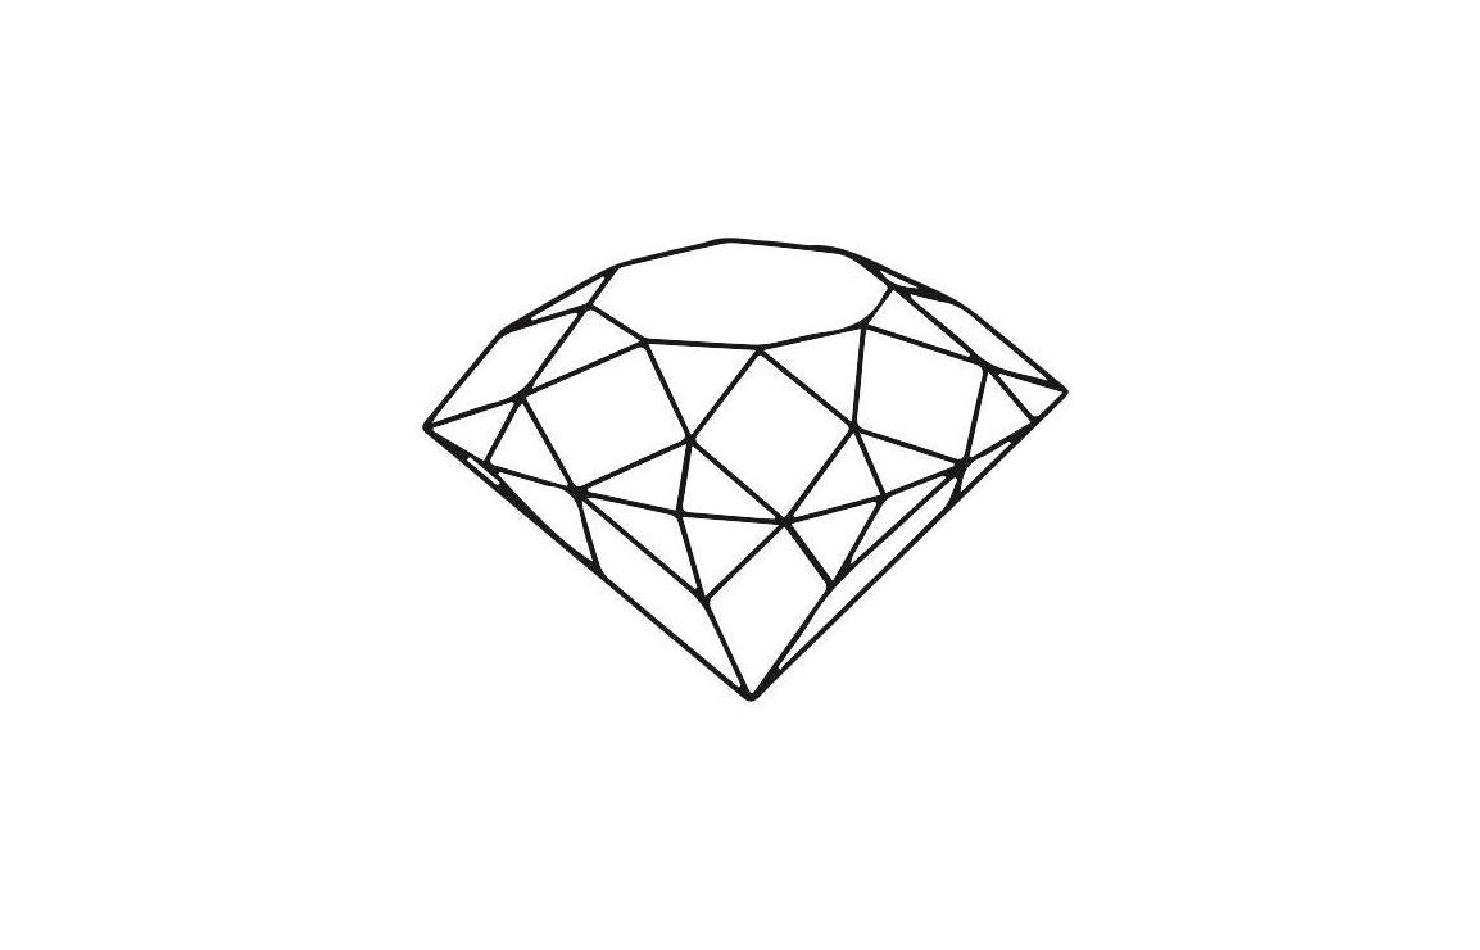 putdiamonds